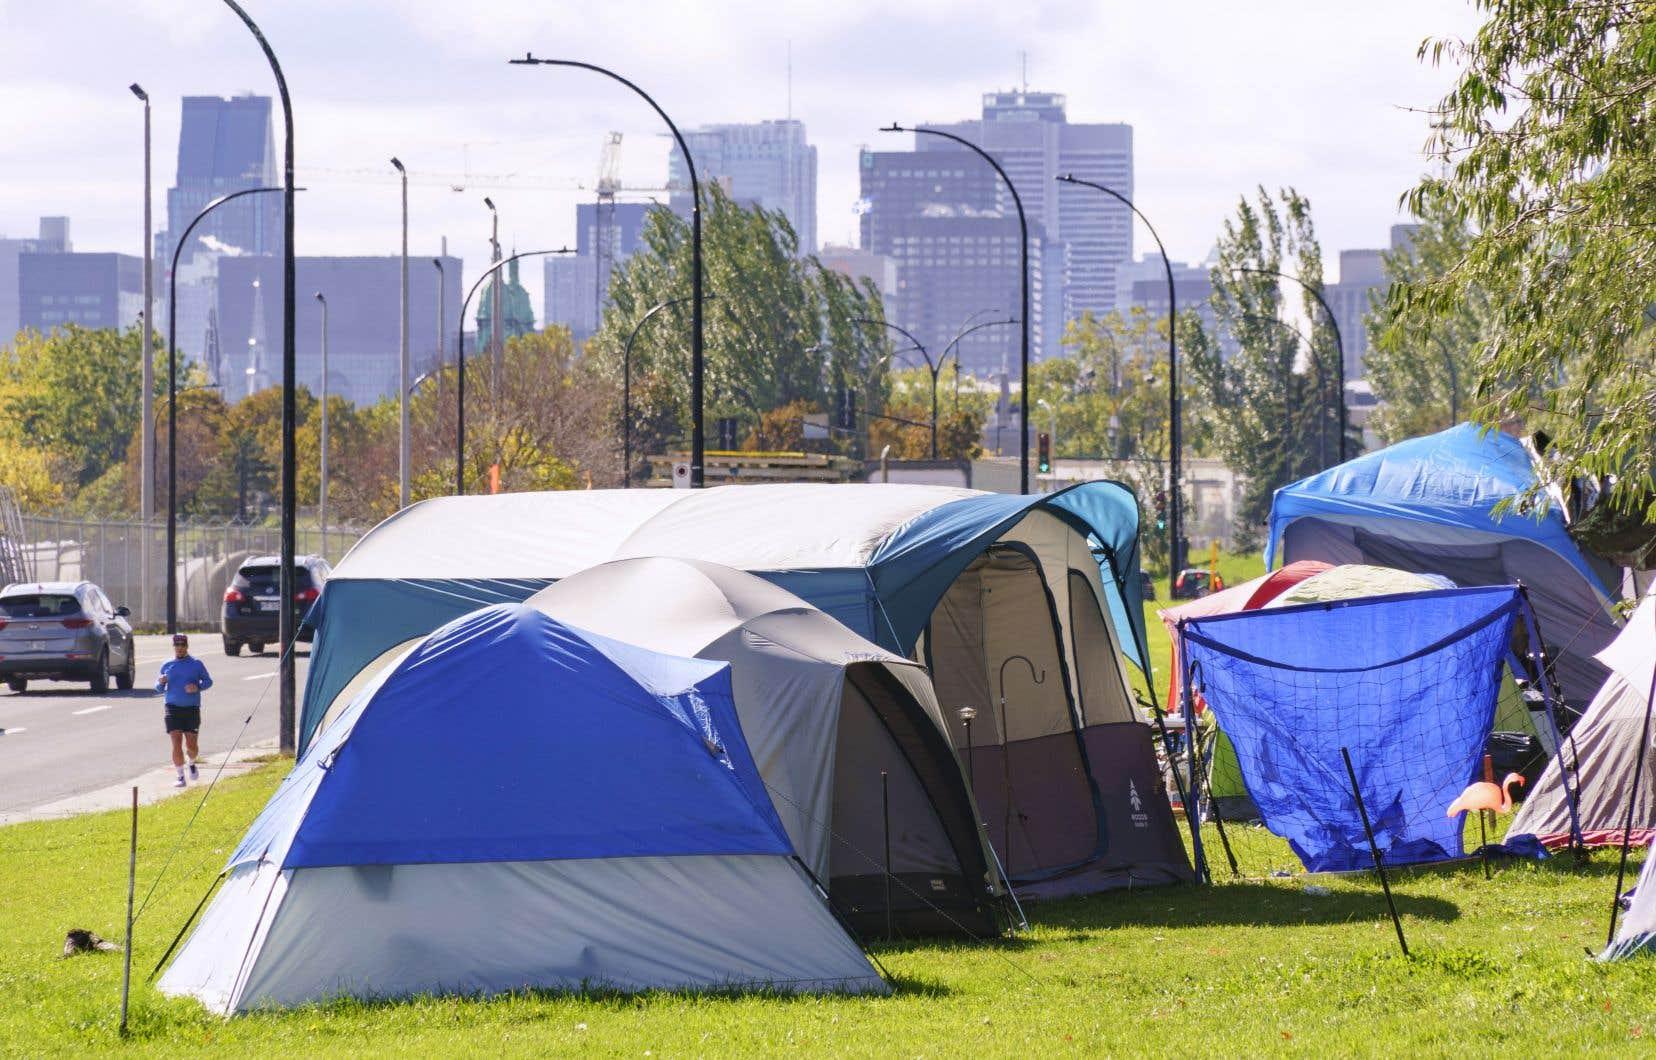 Des rangées de tentes dans un camp pour sans-abri le long d'un boulevard très fréquenté à Montréal, le jeudi 8 octobre 2020. De nombreux sans-abri craignent que le fait d'être confinés dans un refuge les rende plus susceptibles de contracter le COVID-19.